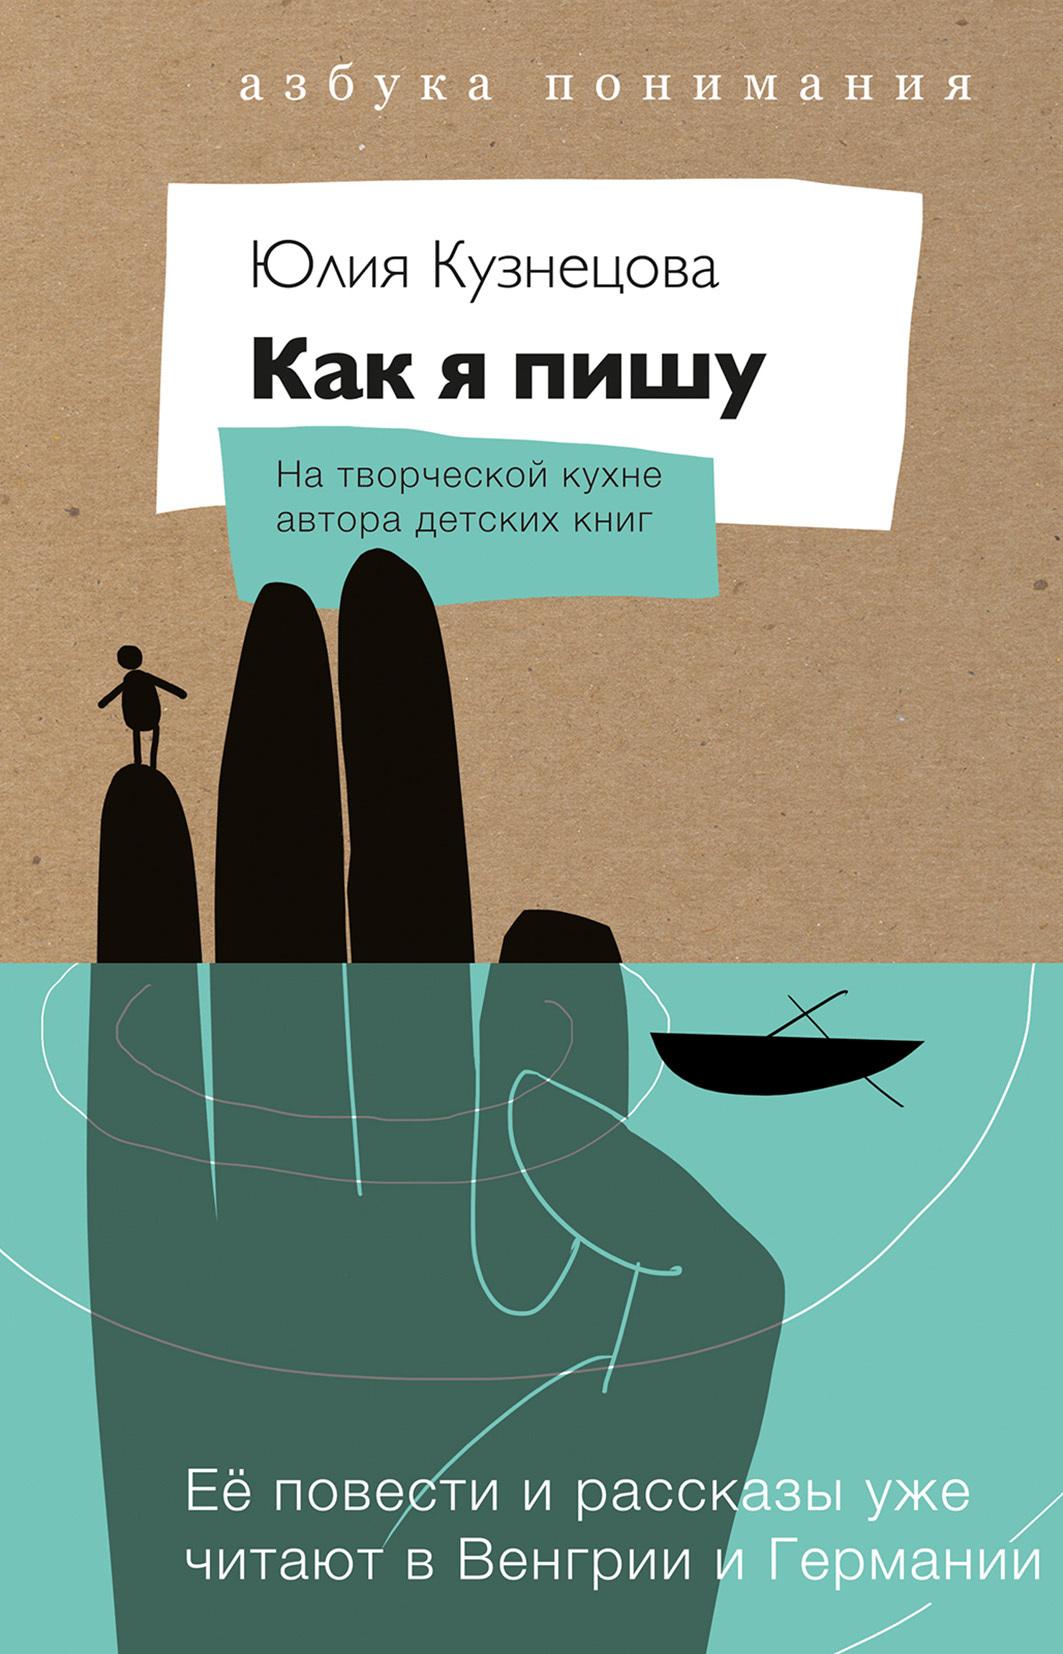 Юлия кузнецова первая работа читать онлайн онлайн работа россия